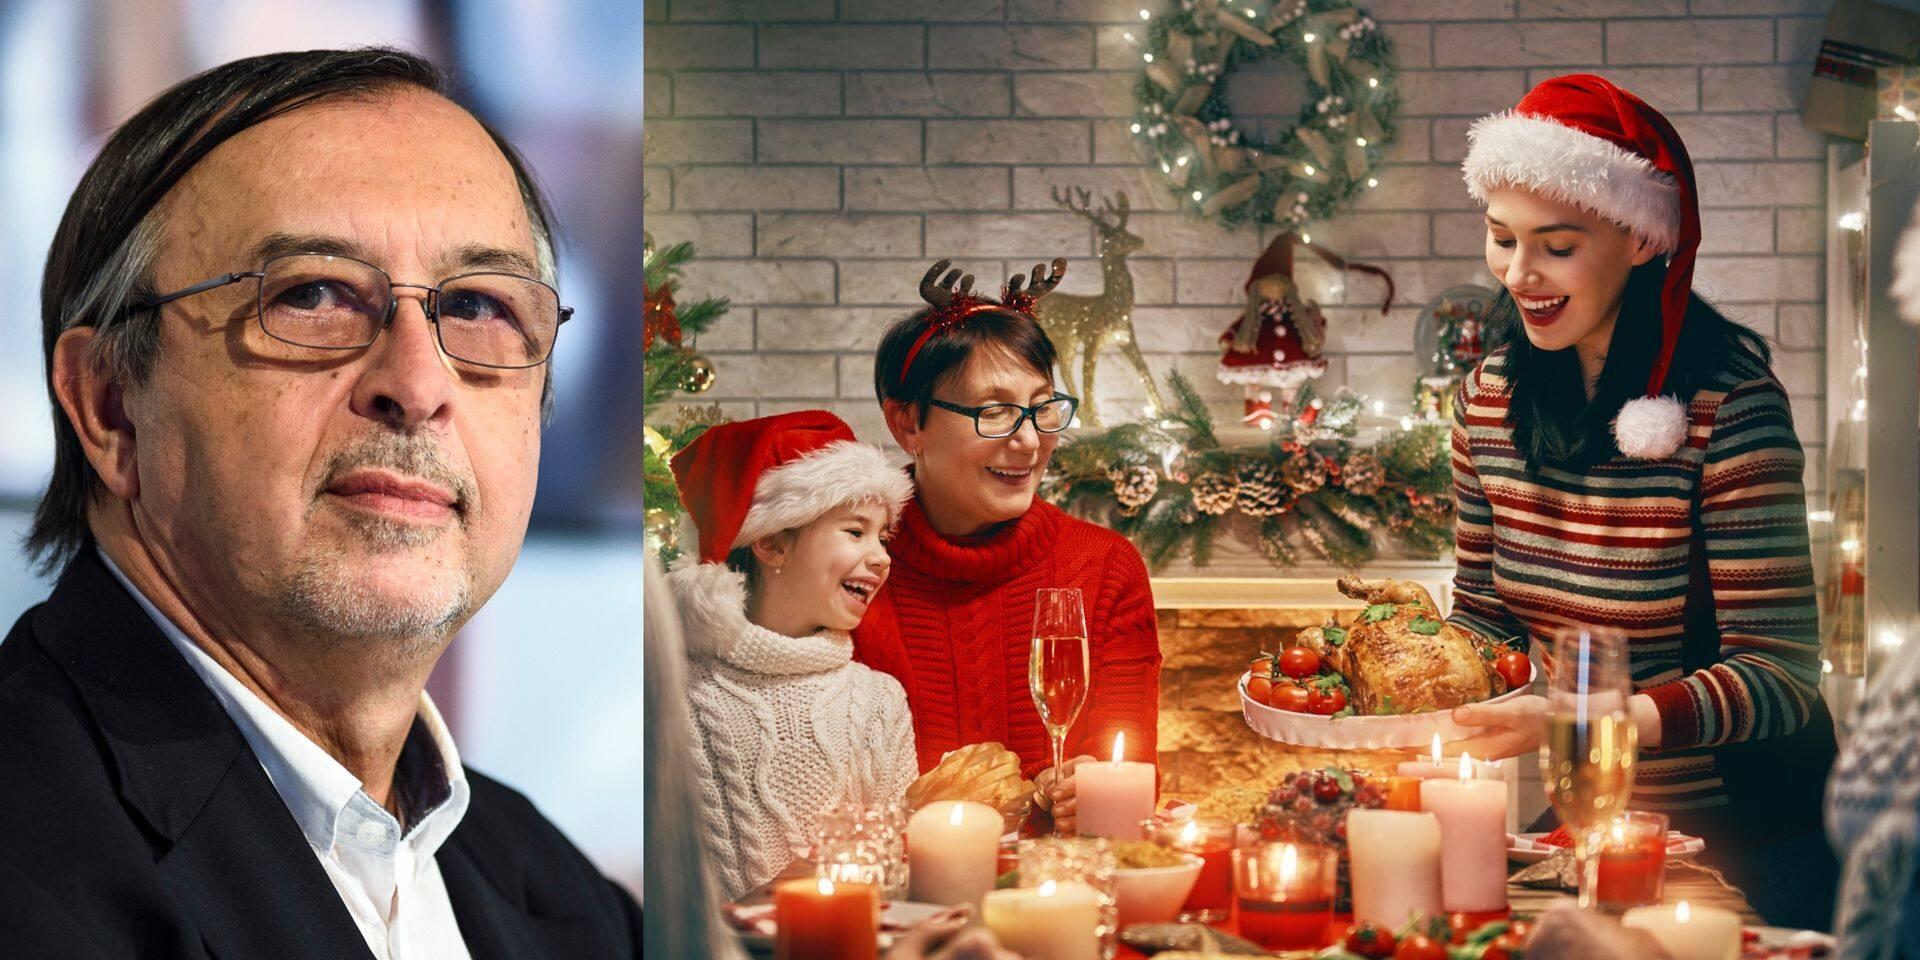 4 invités max, pas de bisou, masques, trêve de Noël : le mode d'emploi Covid des fêtes de fin d'année selon Yves Van Laethem